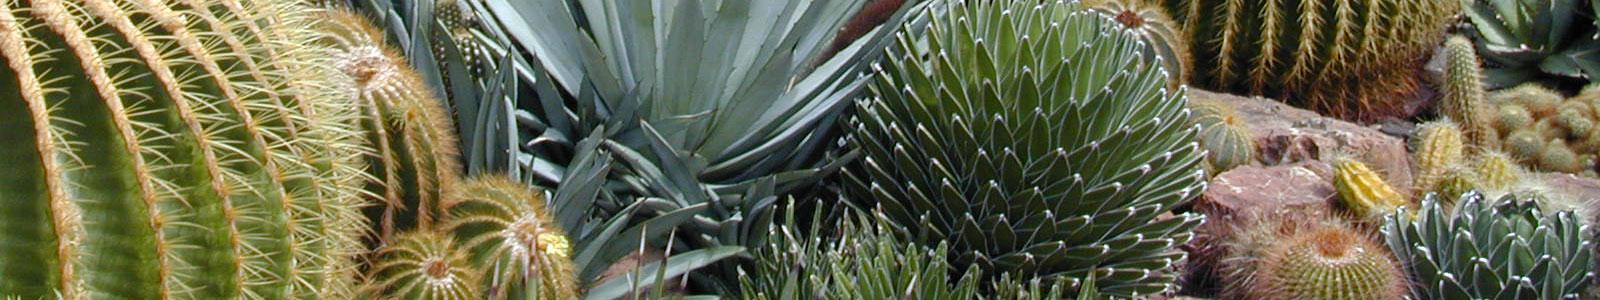 Cactofilia tutte le foto di cactus e piante grasse for Foto piante grasse particolari